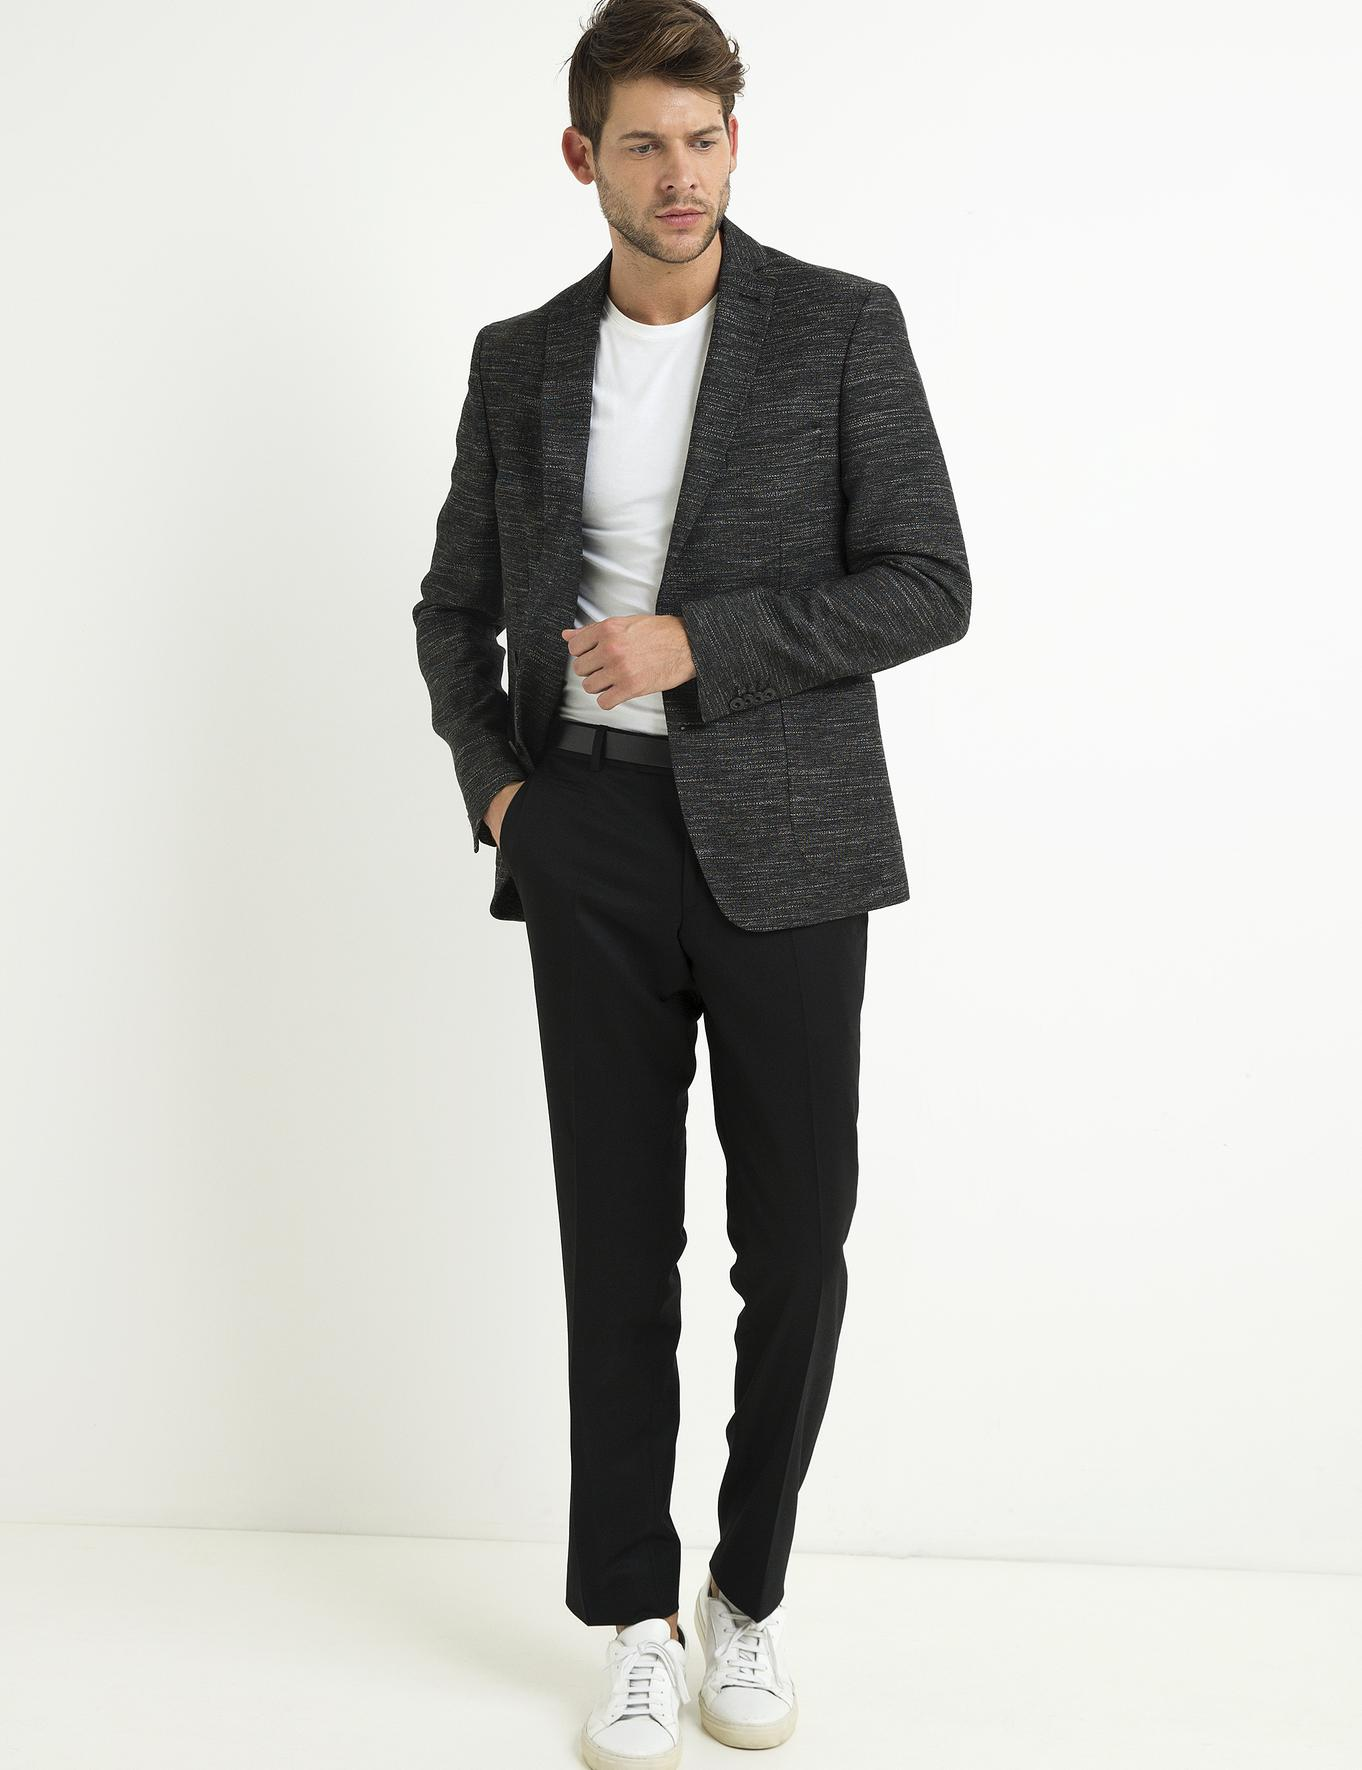 Siyah Slim Fit Pantolon - 50192637014